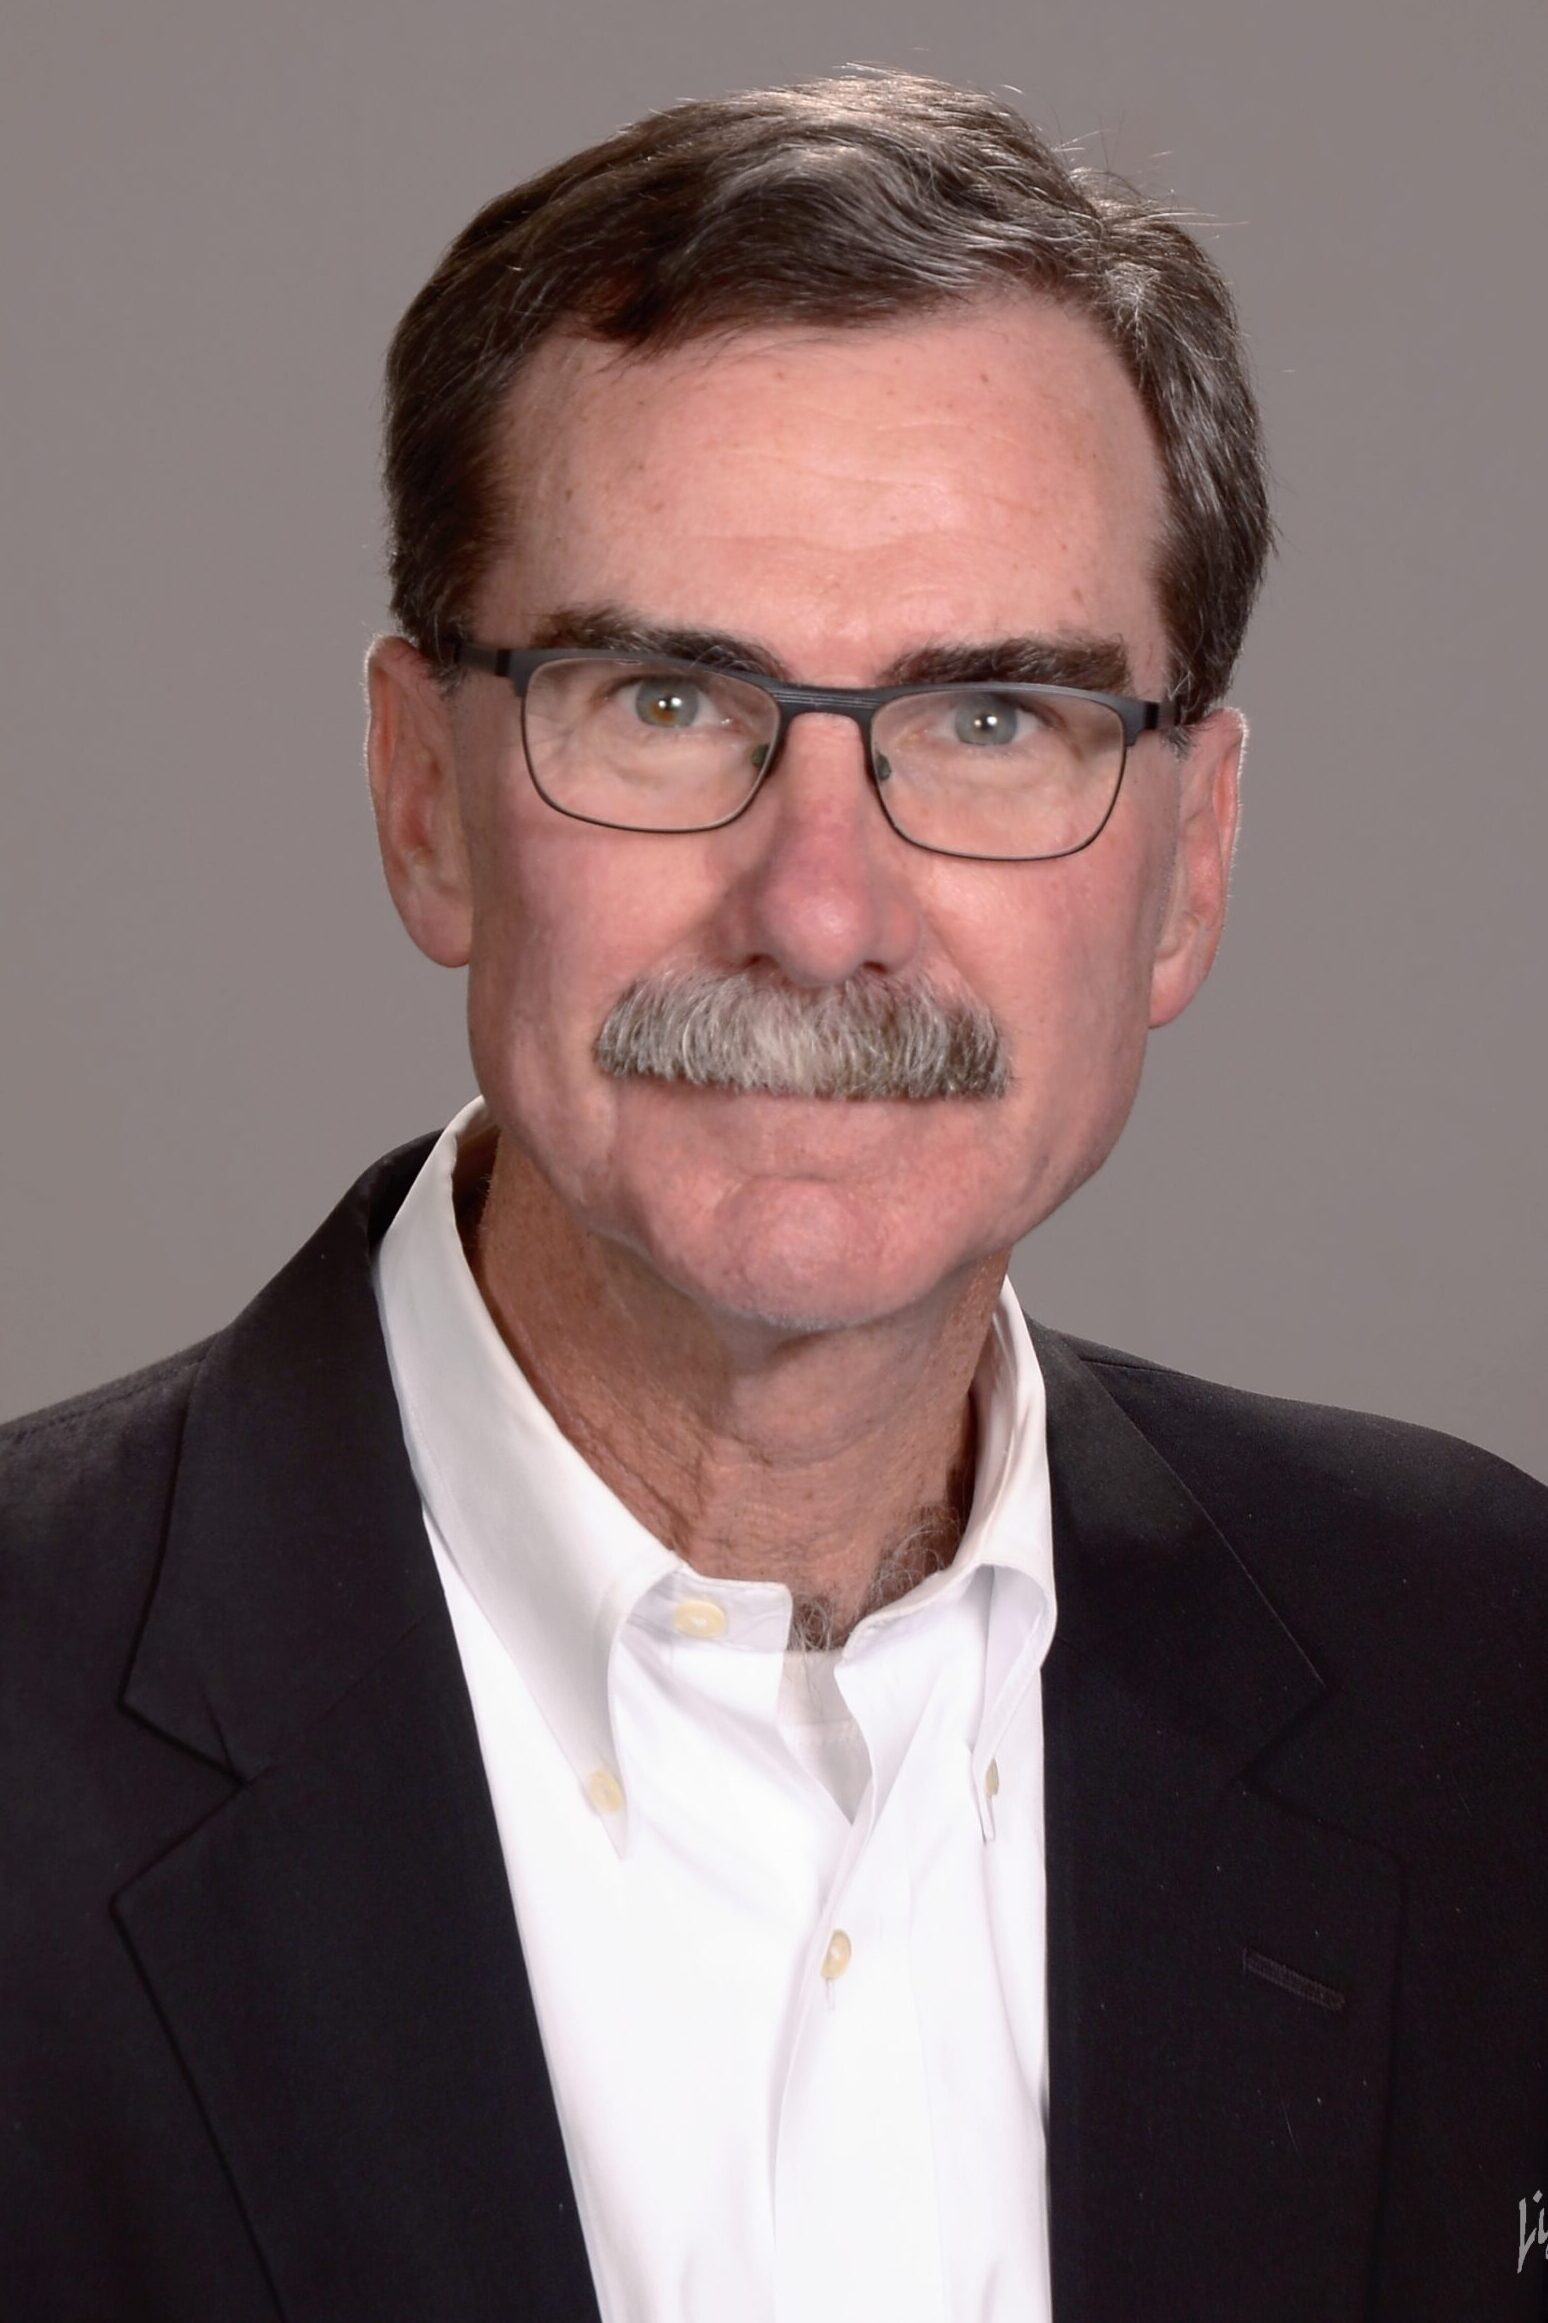 Kevin Lacroix, RPLU (Moderator)